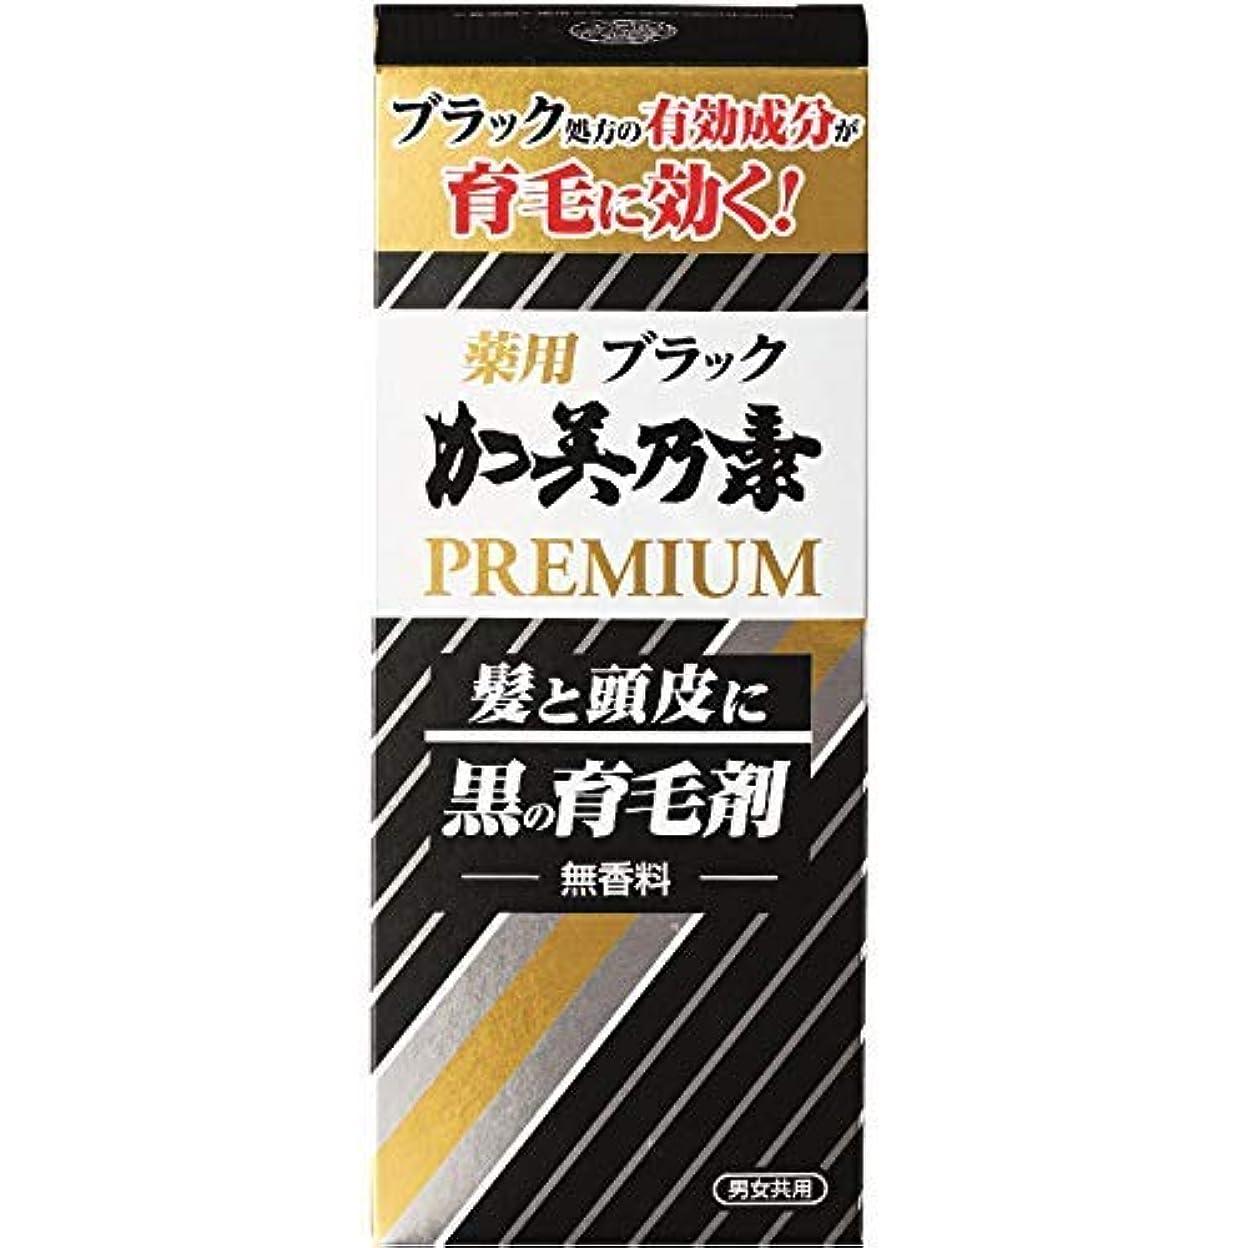 アサーアテンダント寝具ブラック加美乃素 プレミアム × 2個セット